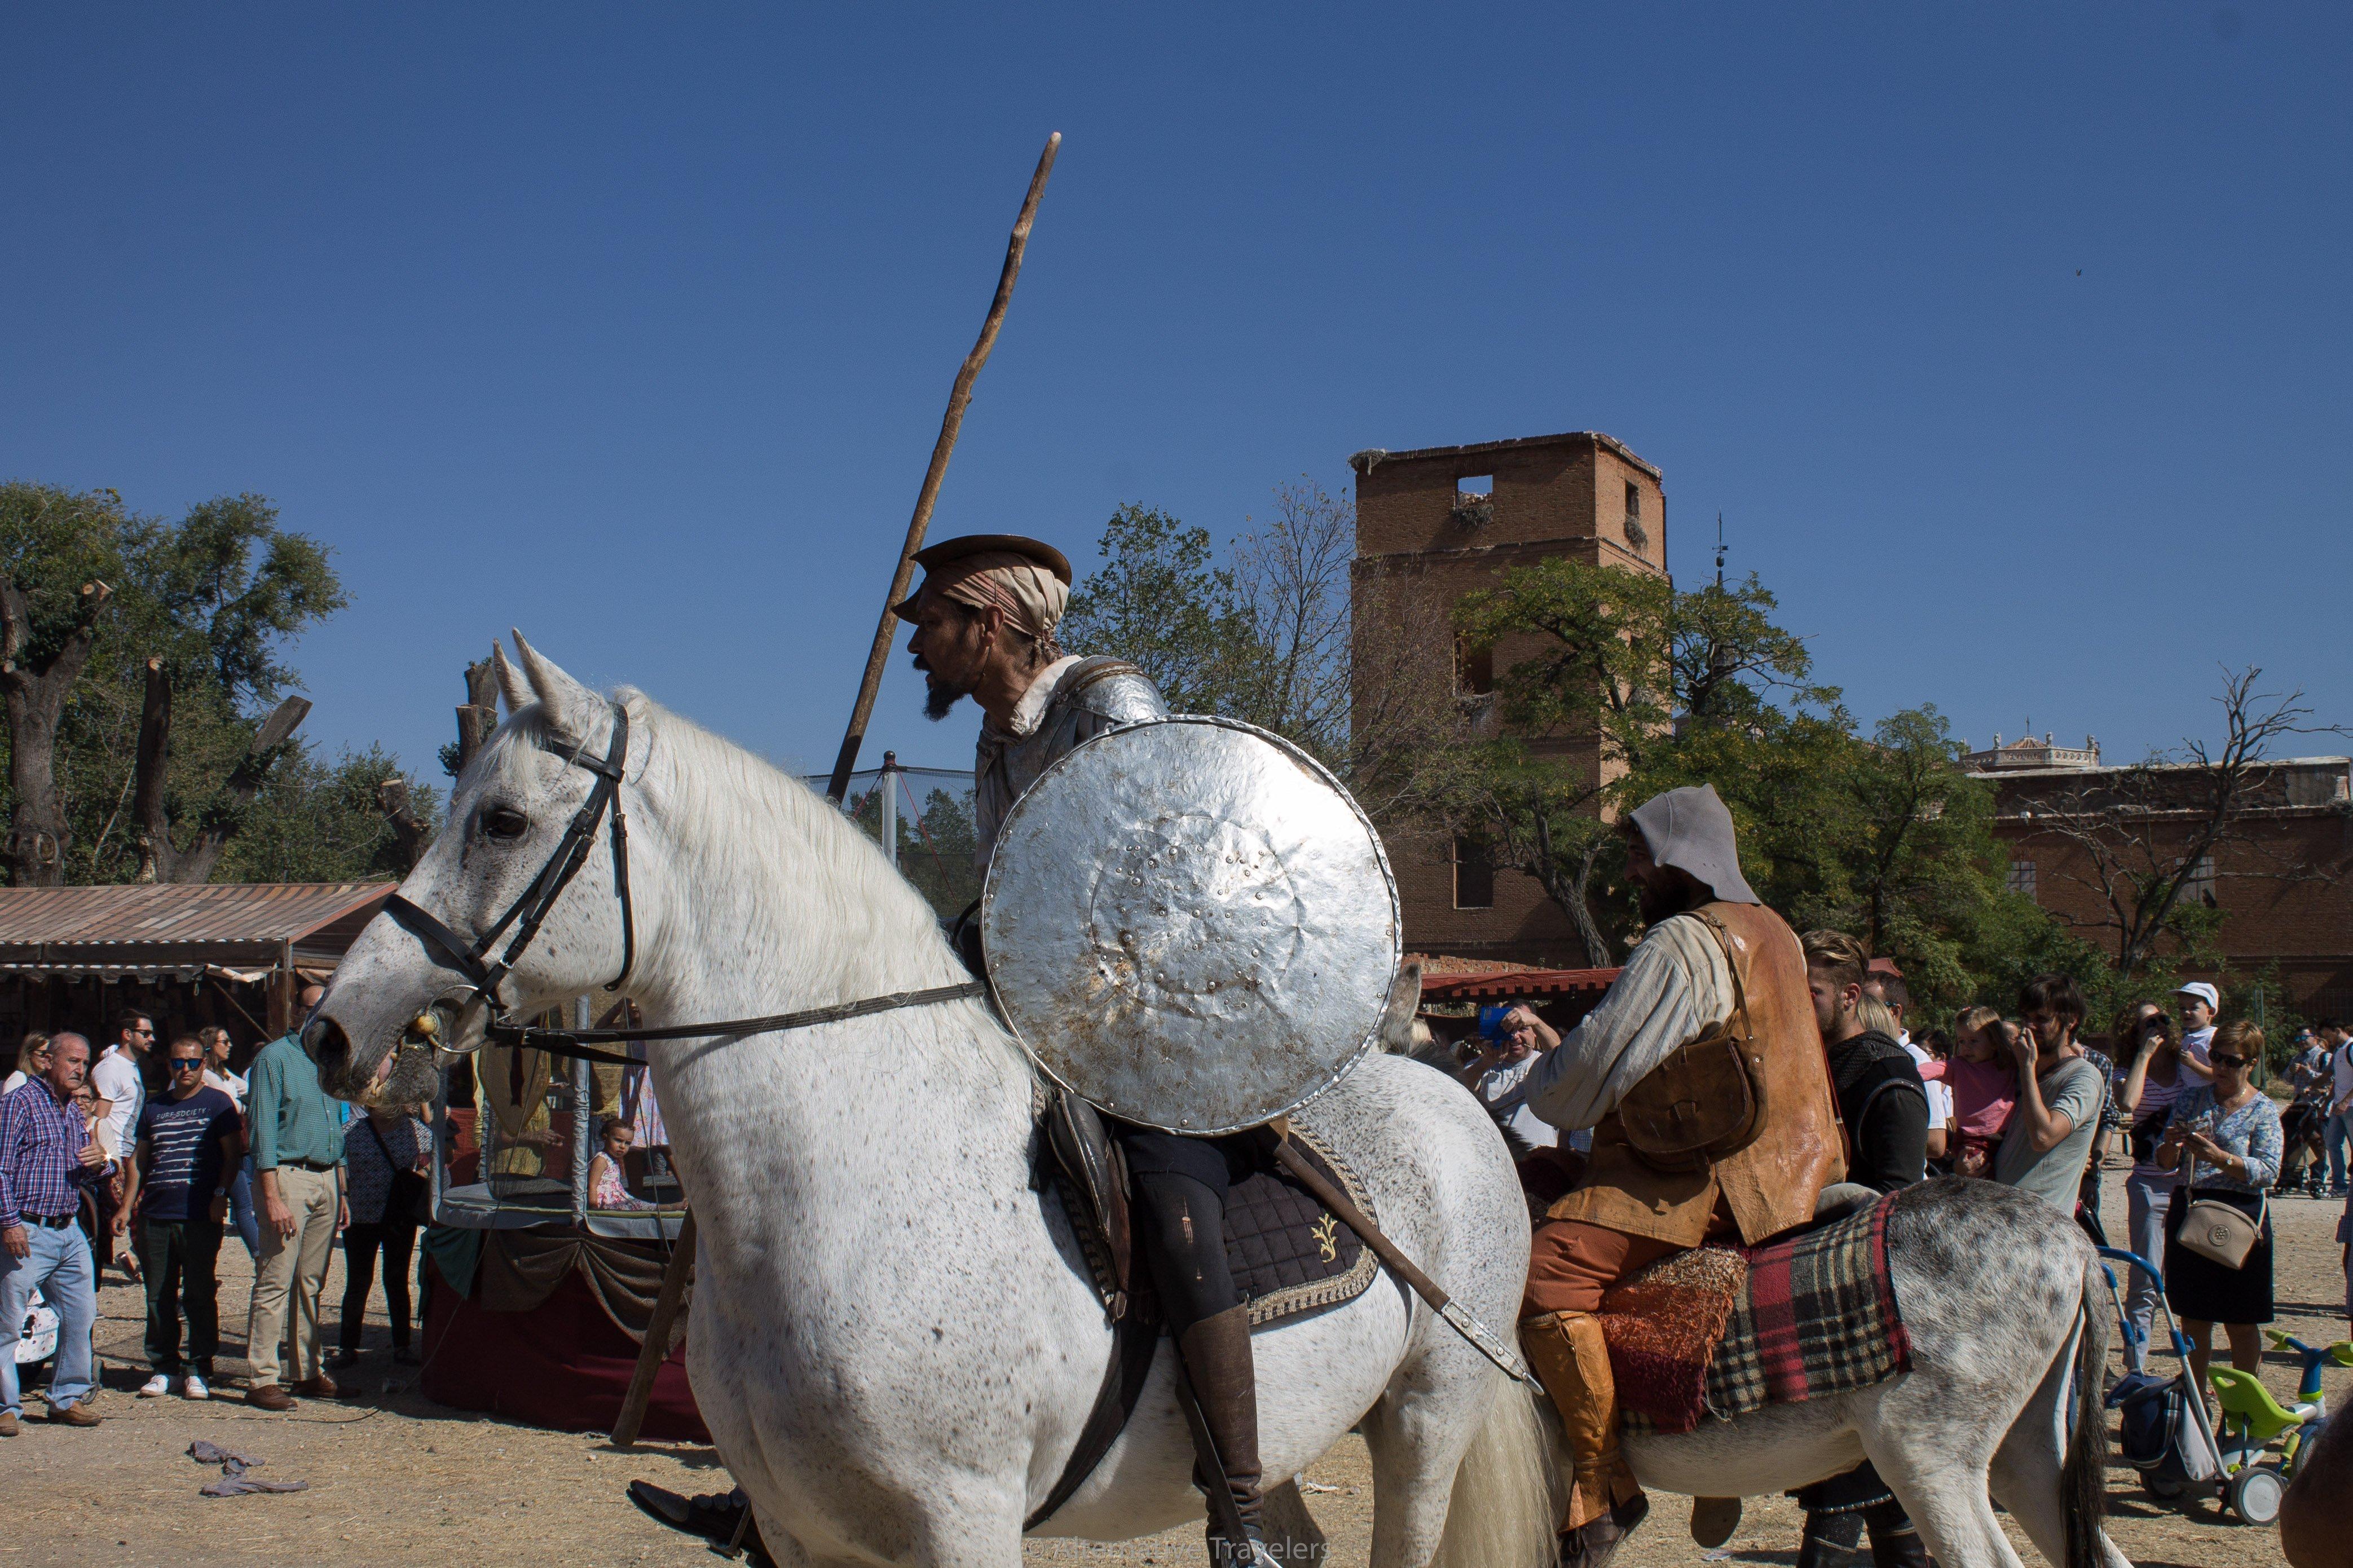 A reenactment of Don Quixote at the Cervantes Festival in Alcala de Henares, Spain.